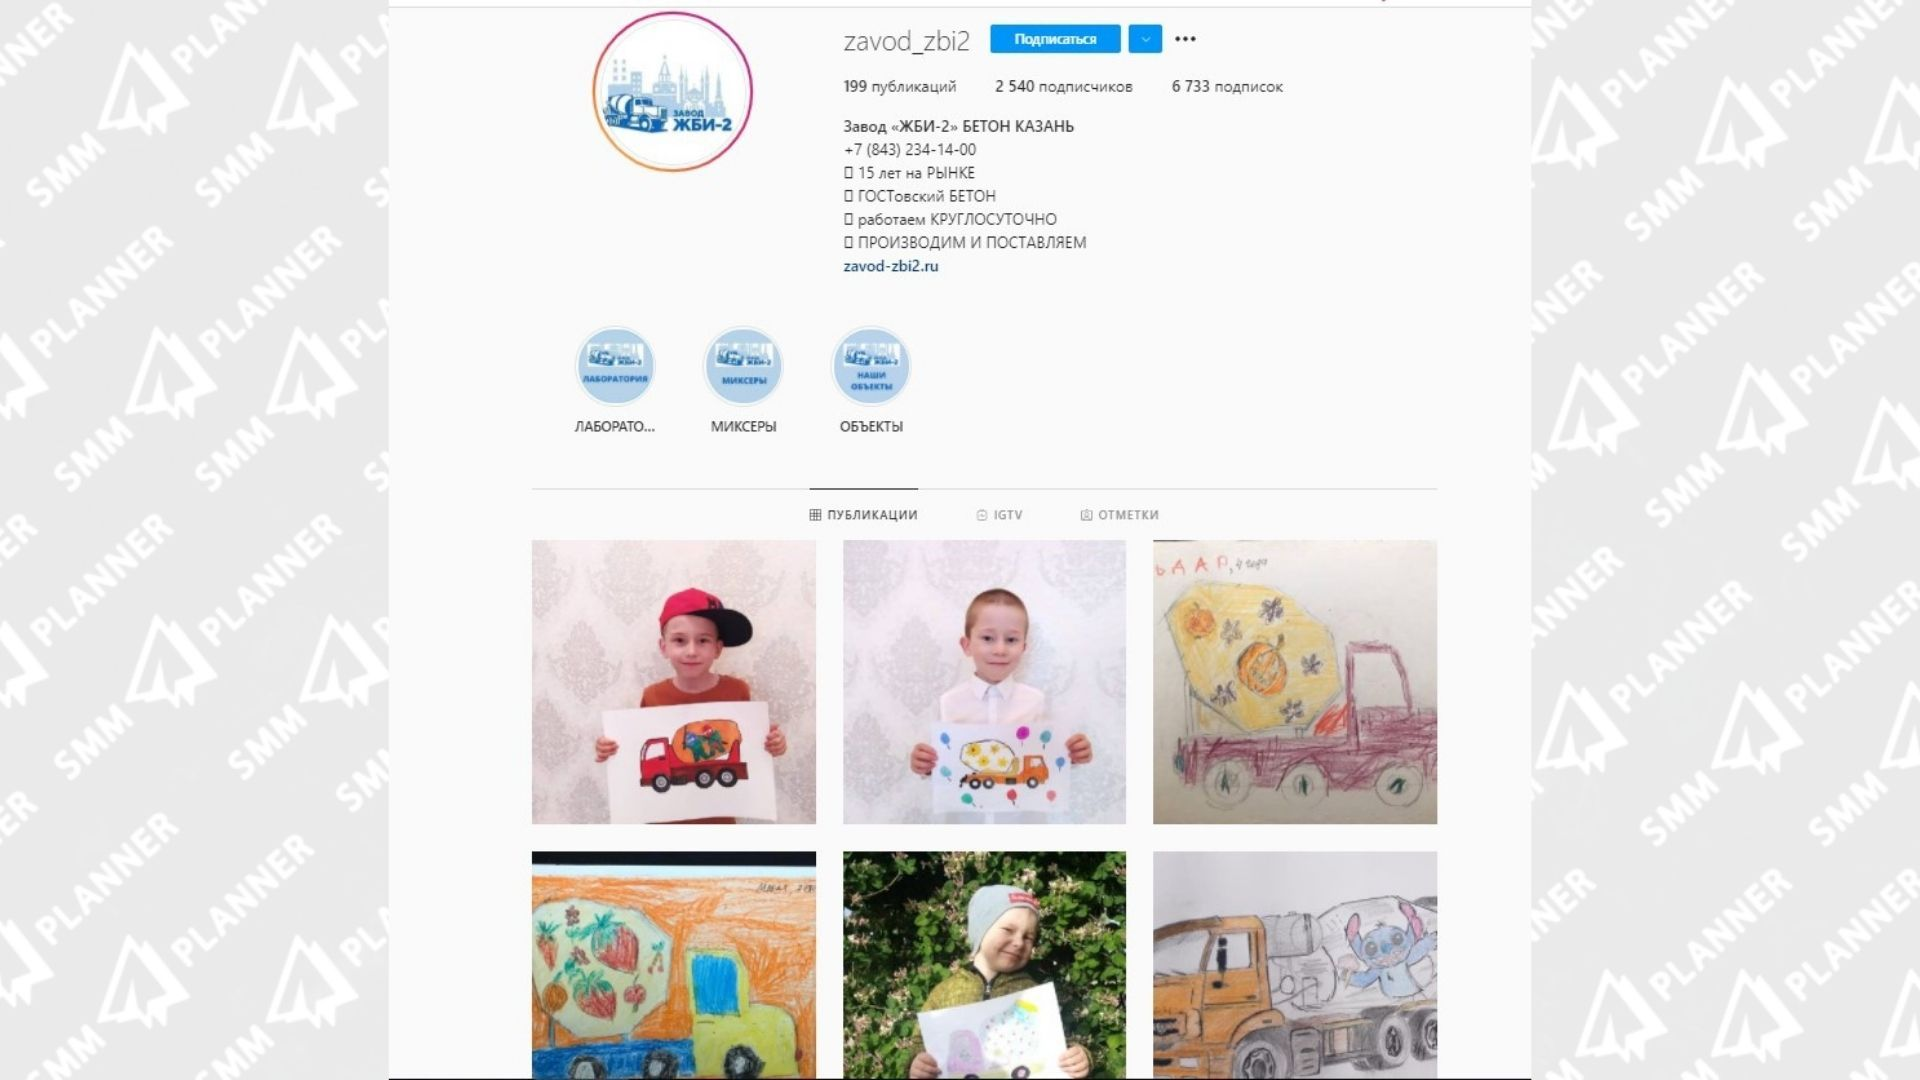 Нескучный аккаунты завода ЖБИ и яркий аккаунт бренда «Сода пищевая»